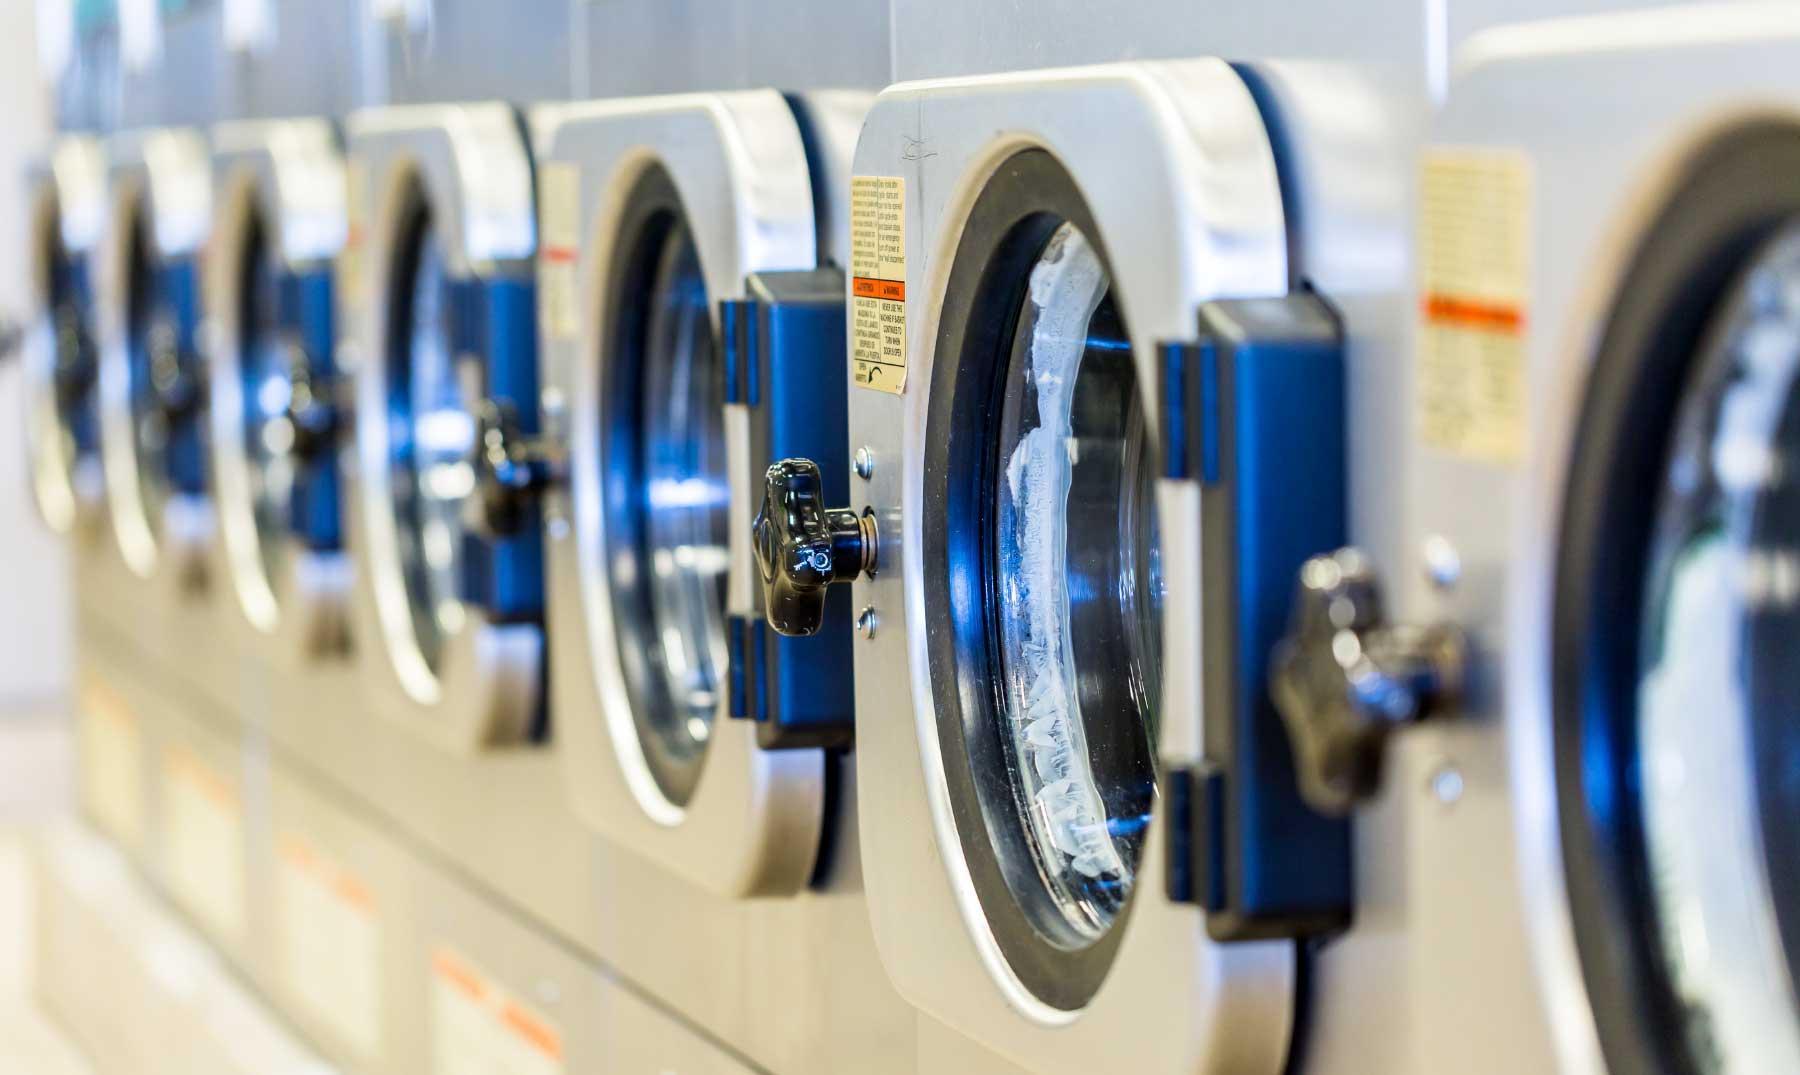 grupo-lavadoras-franquicias-lavanderias